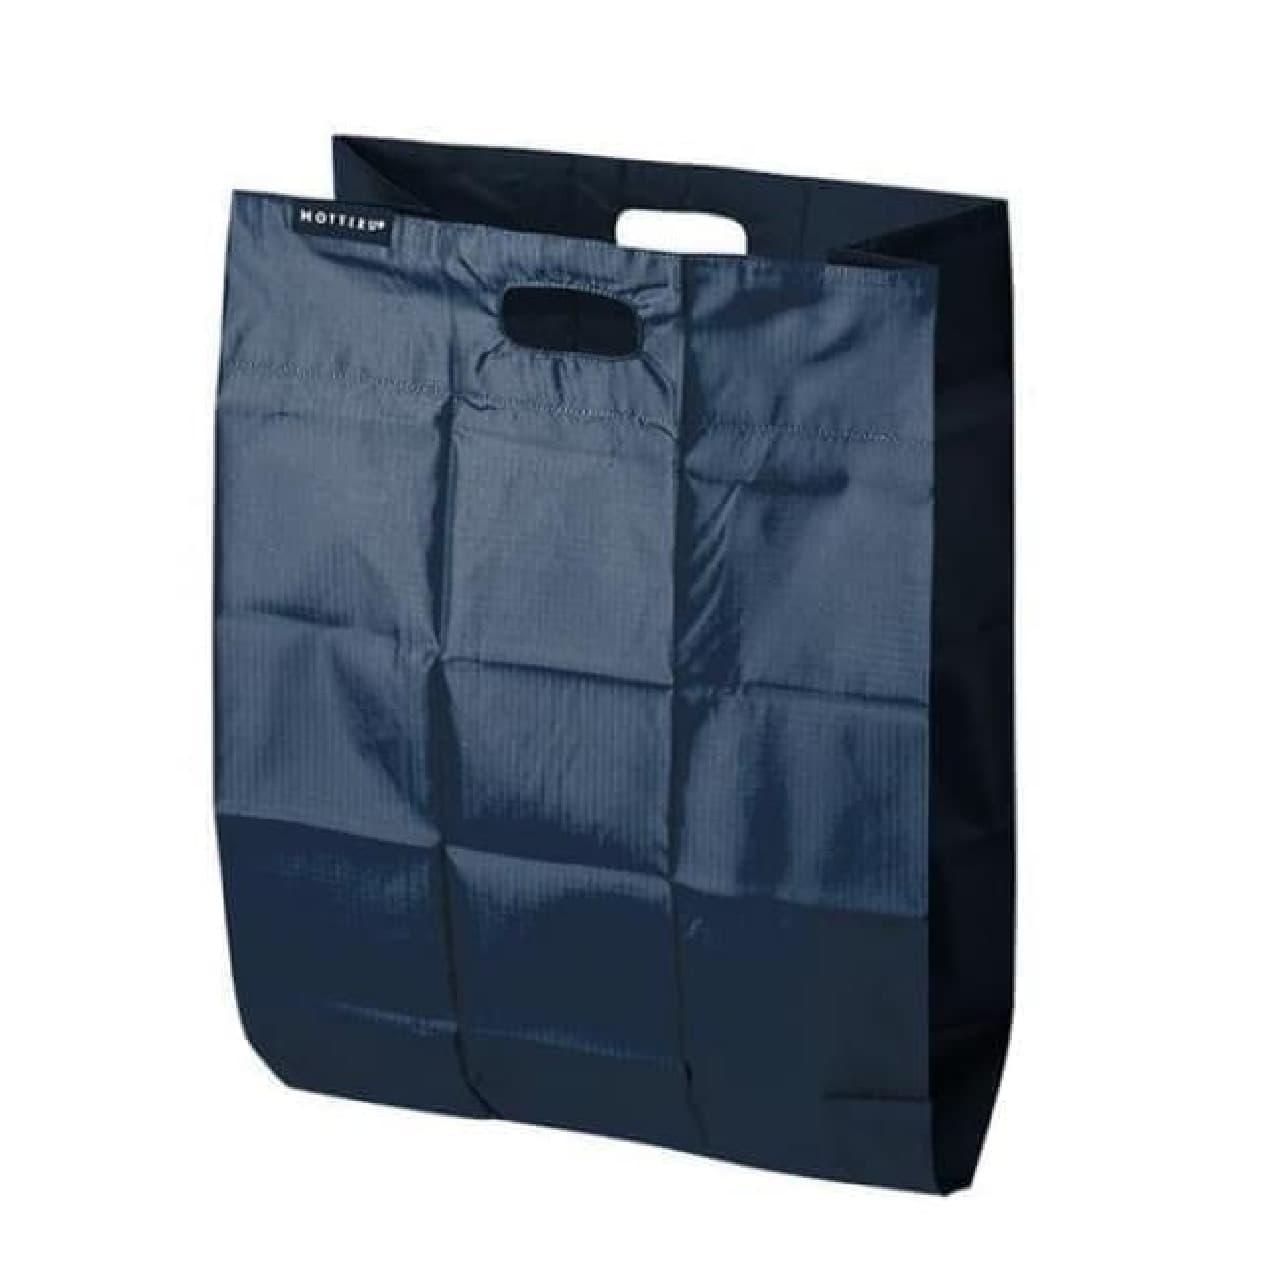 ロフトがエコバッグ特集を展開 -- オリジナル「巾着トート」やレジカゴサイズ・コンビニサイズなど多彩に